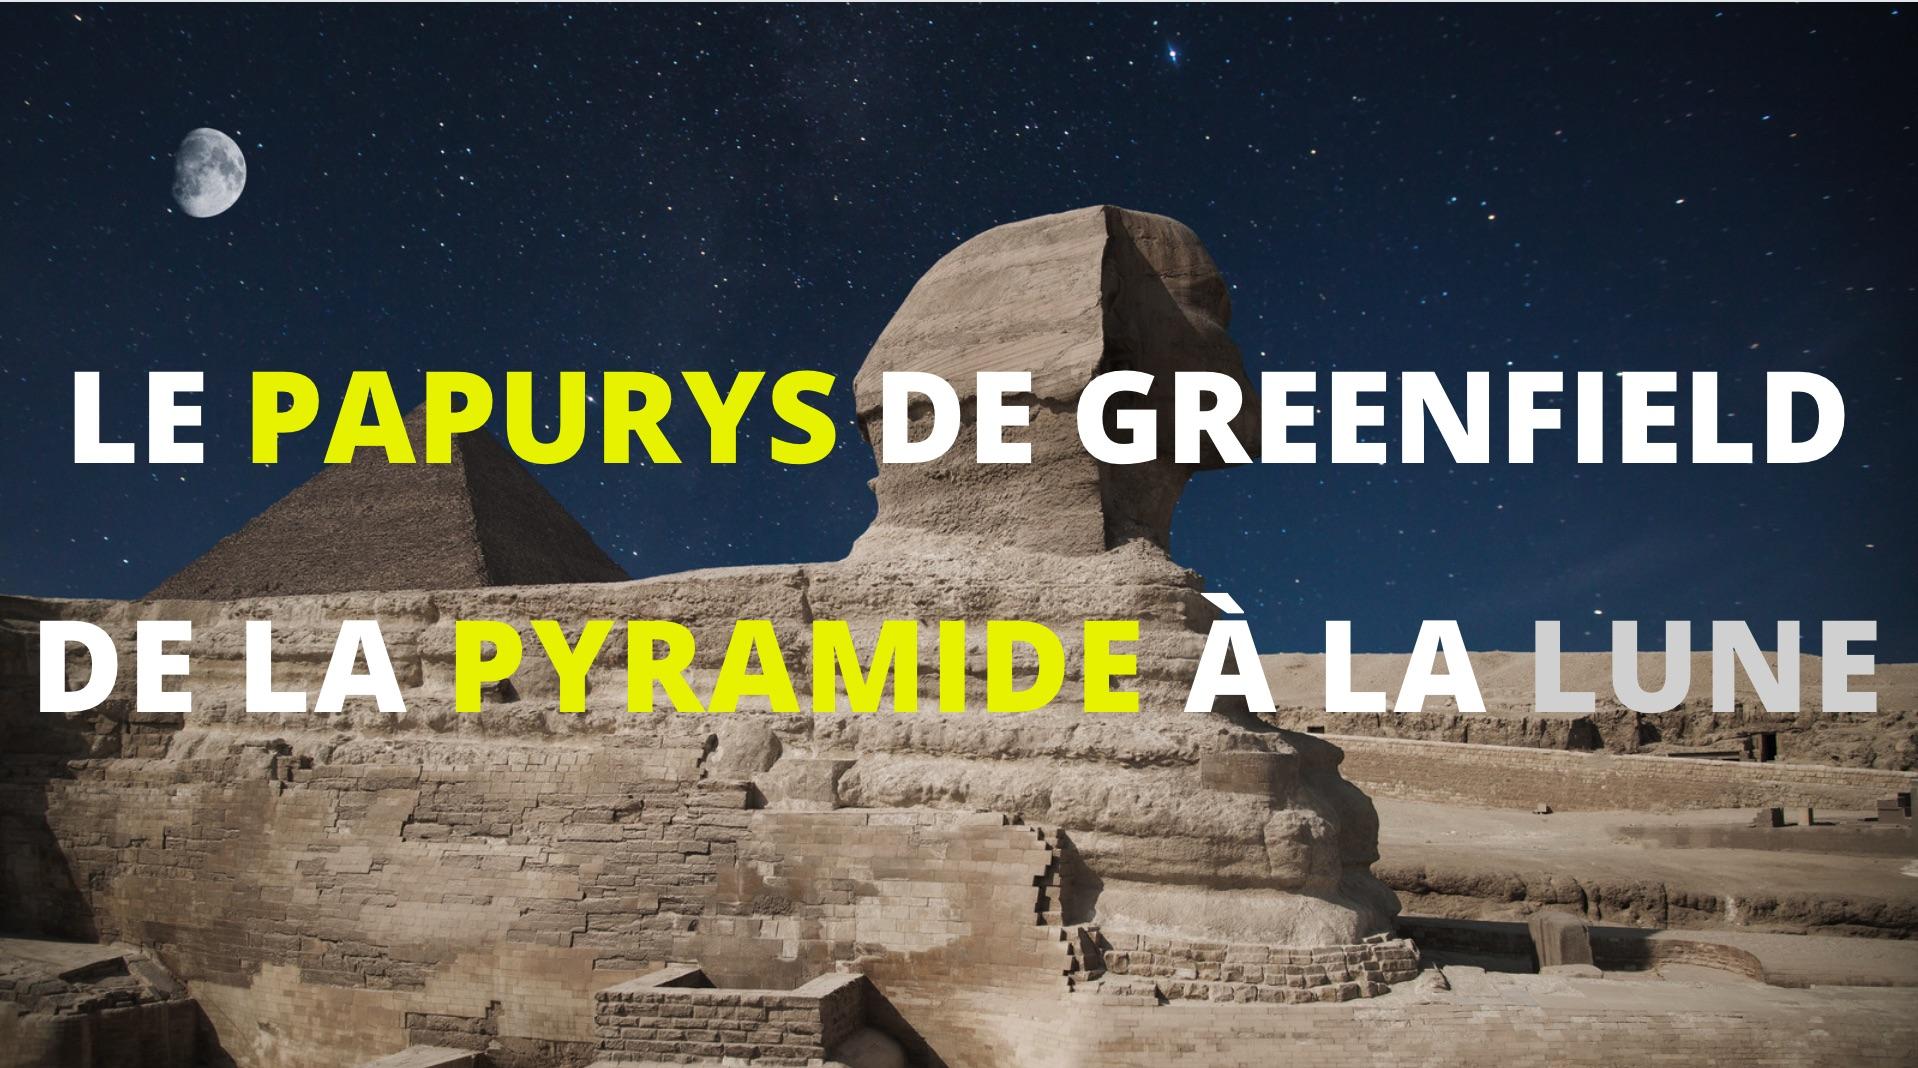 papyrus-de-greenfield3_scruberthumbnail_0